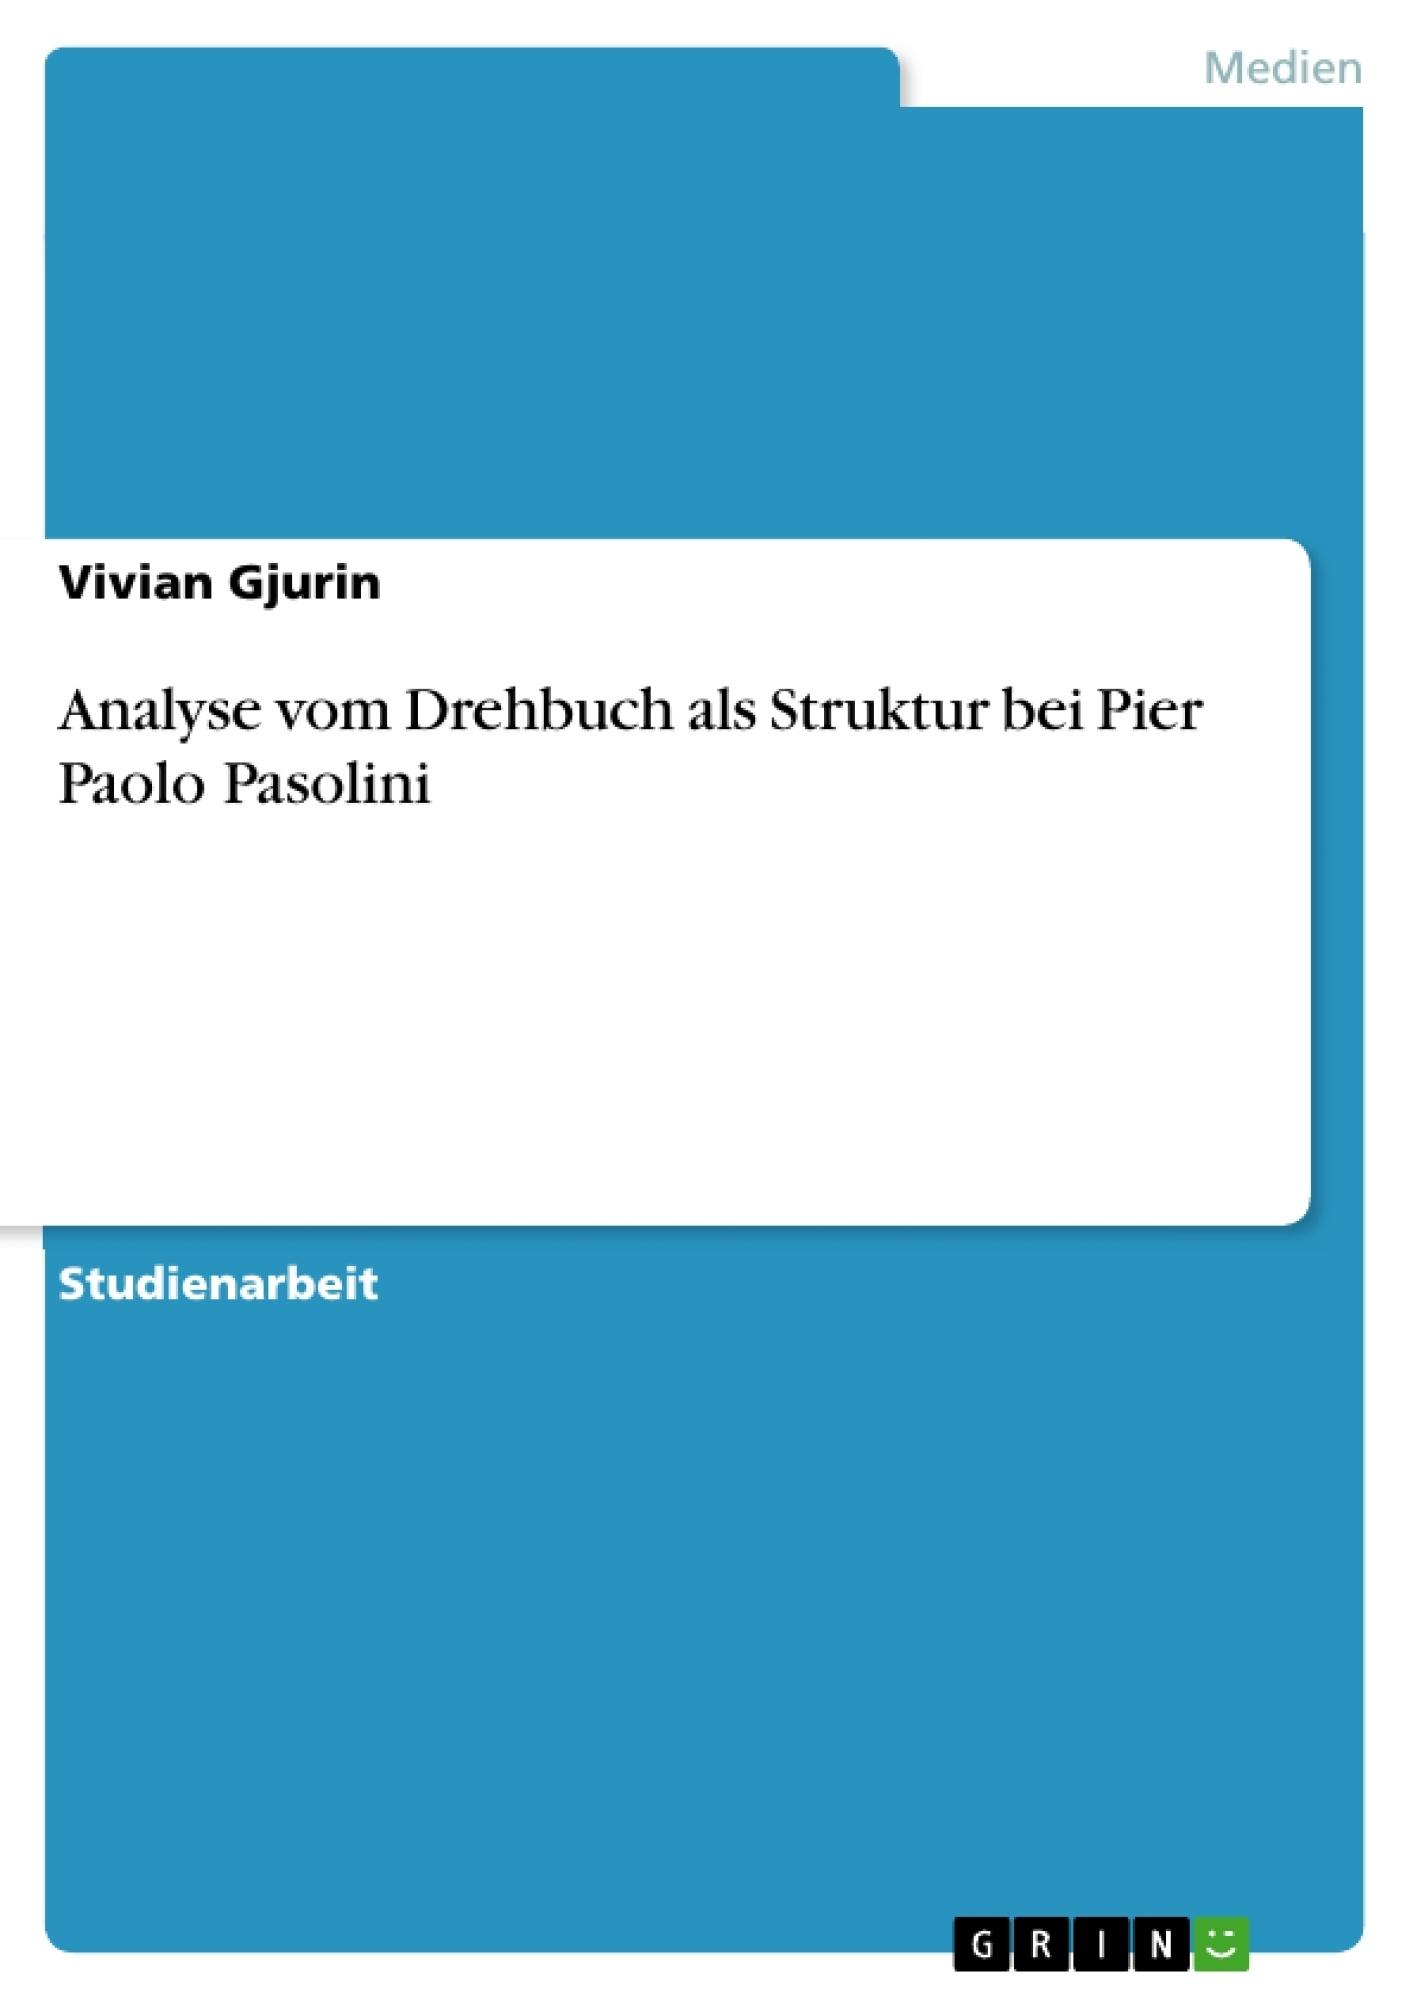 Analyse vom Drehbuch als Struktur bei Pier Paolo Pasolini ...